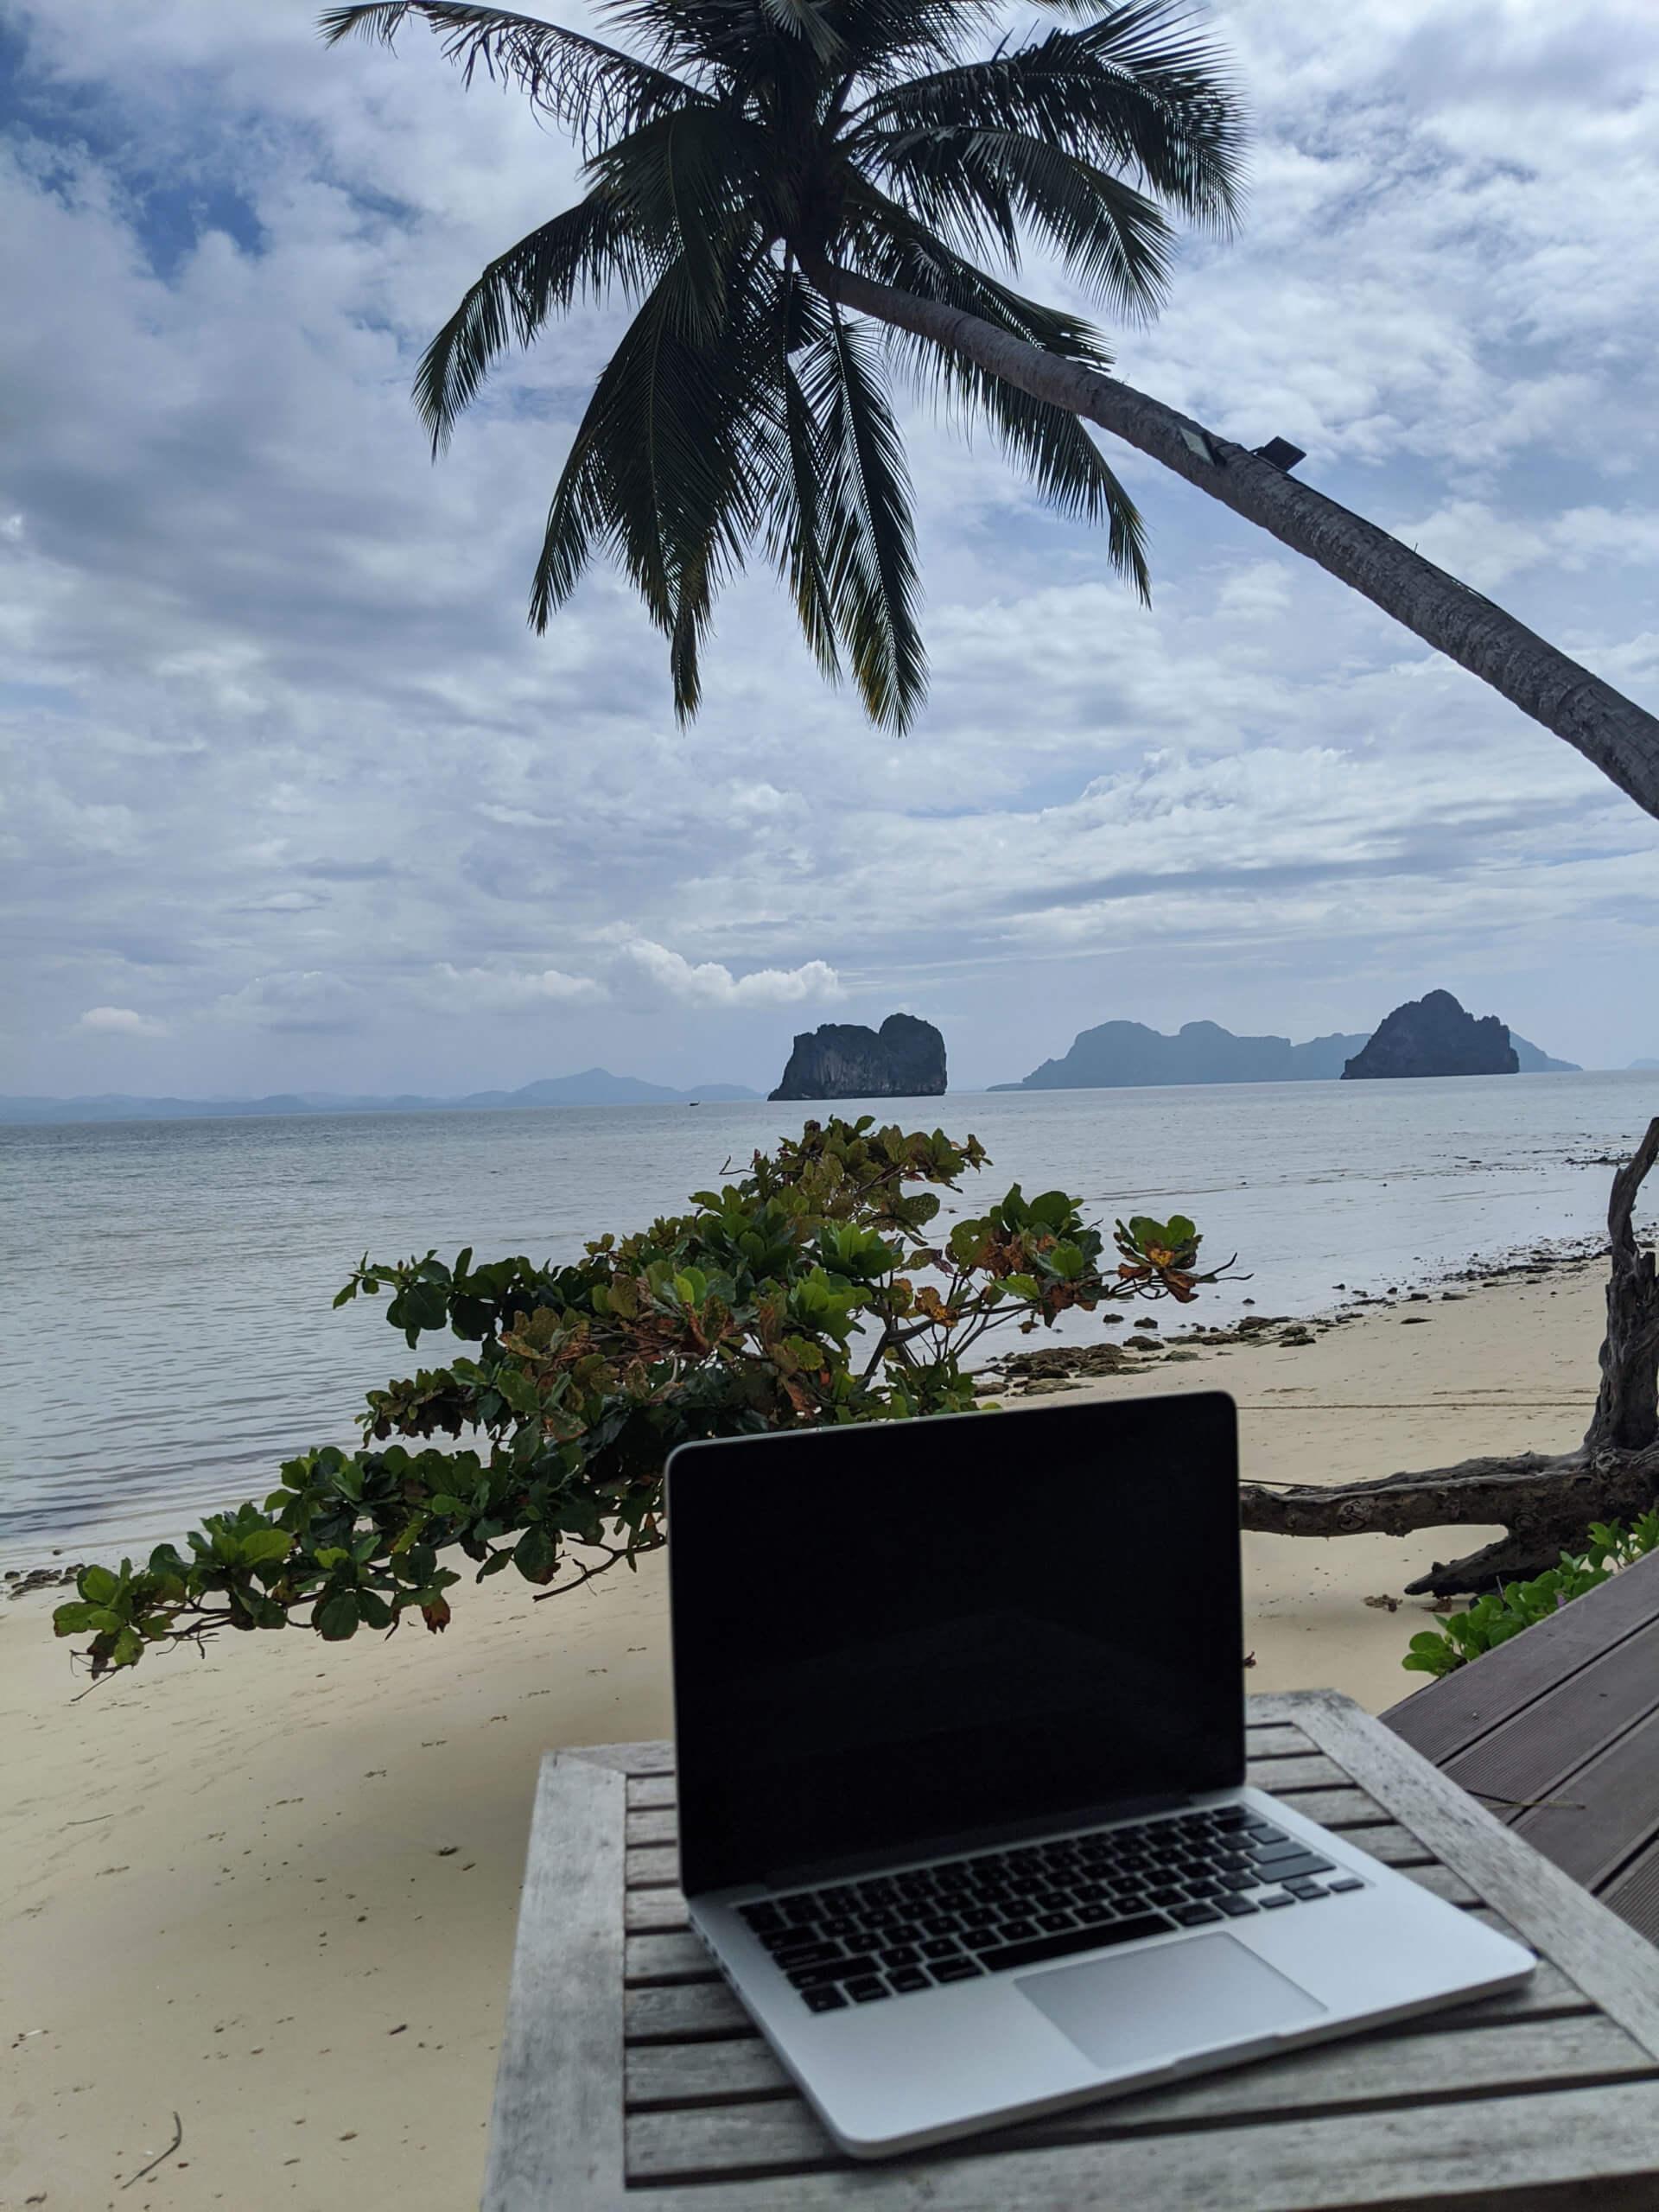 komputer na plaży w tajlandii z widokiem na może i palme